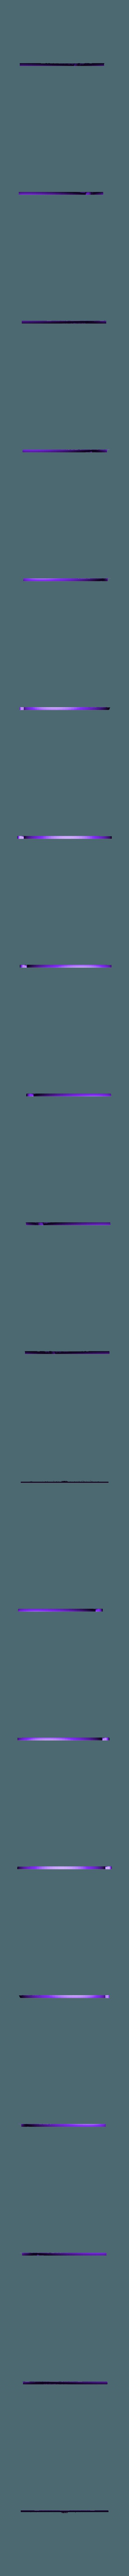 snowflake.stl Download STL file SnowFlake • 3D printer design, tridimagina